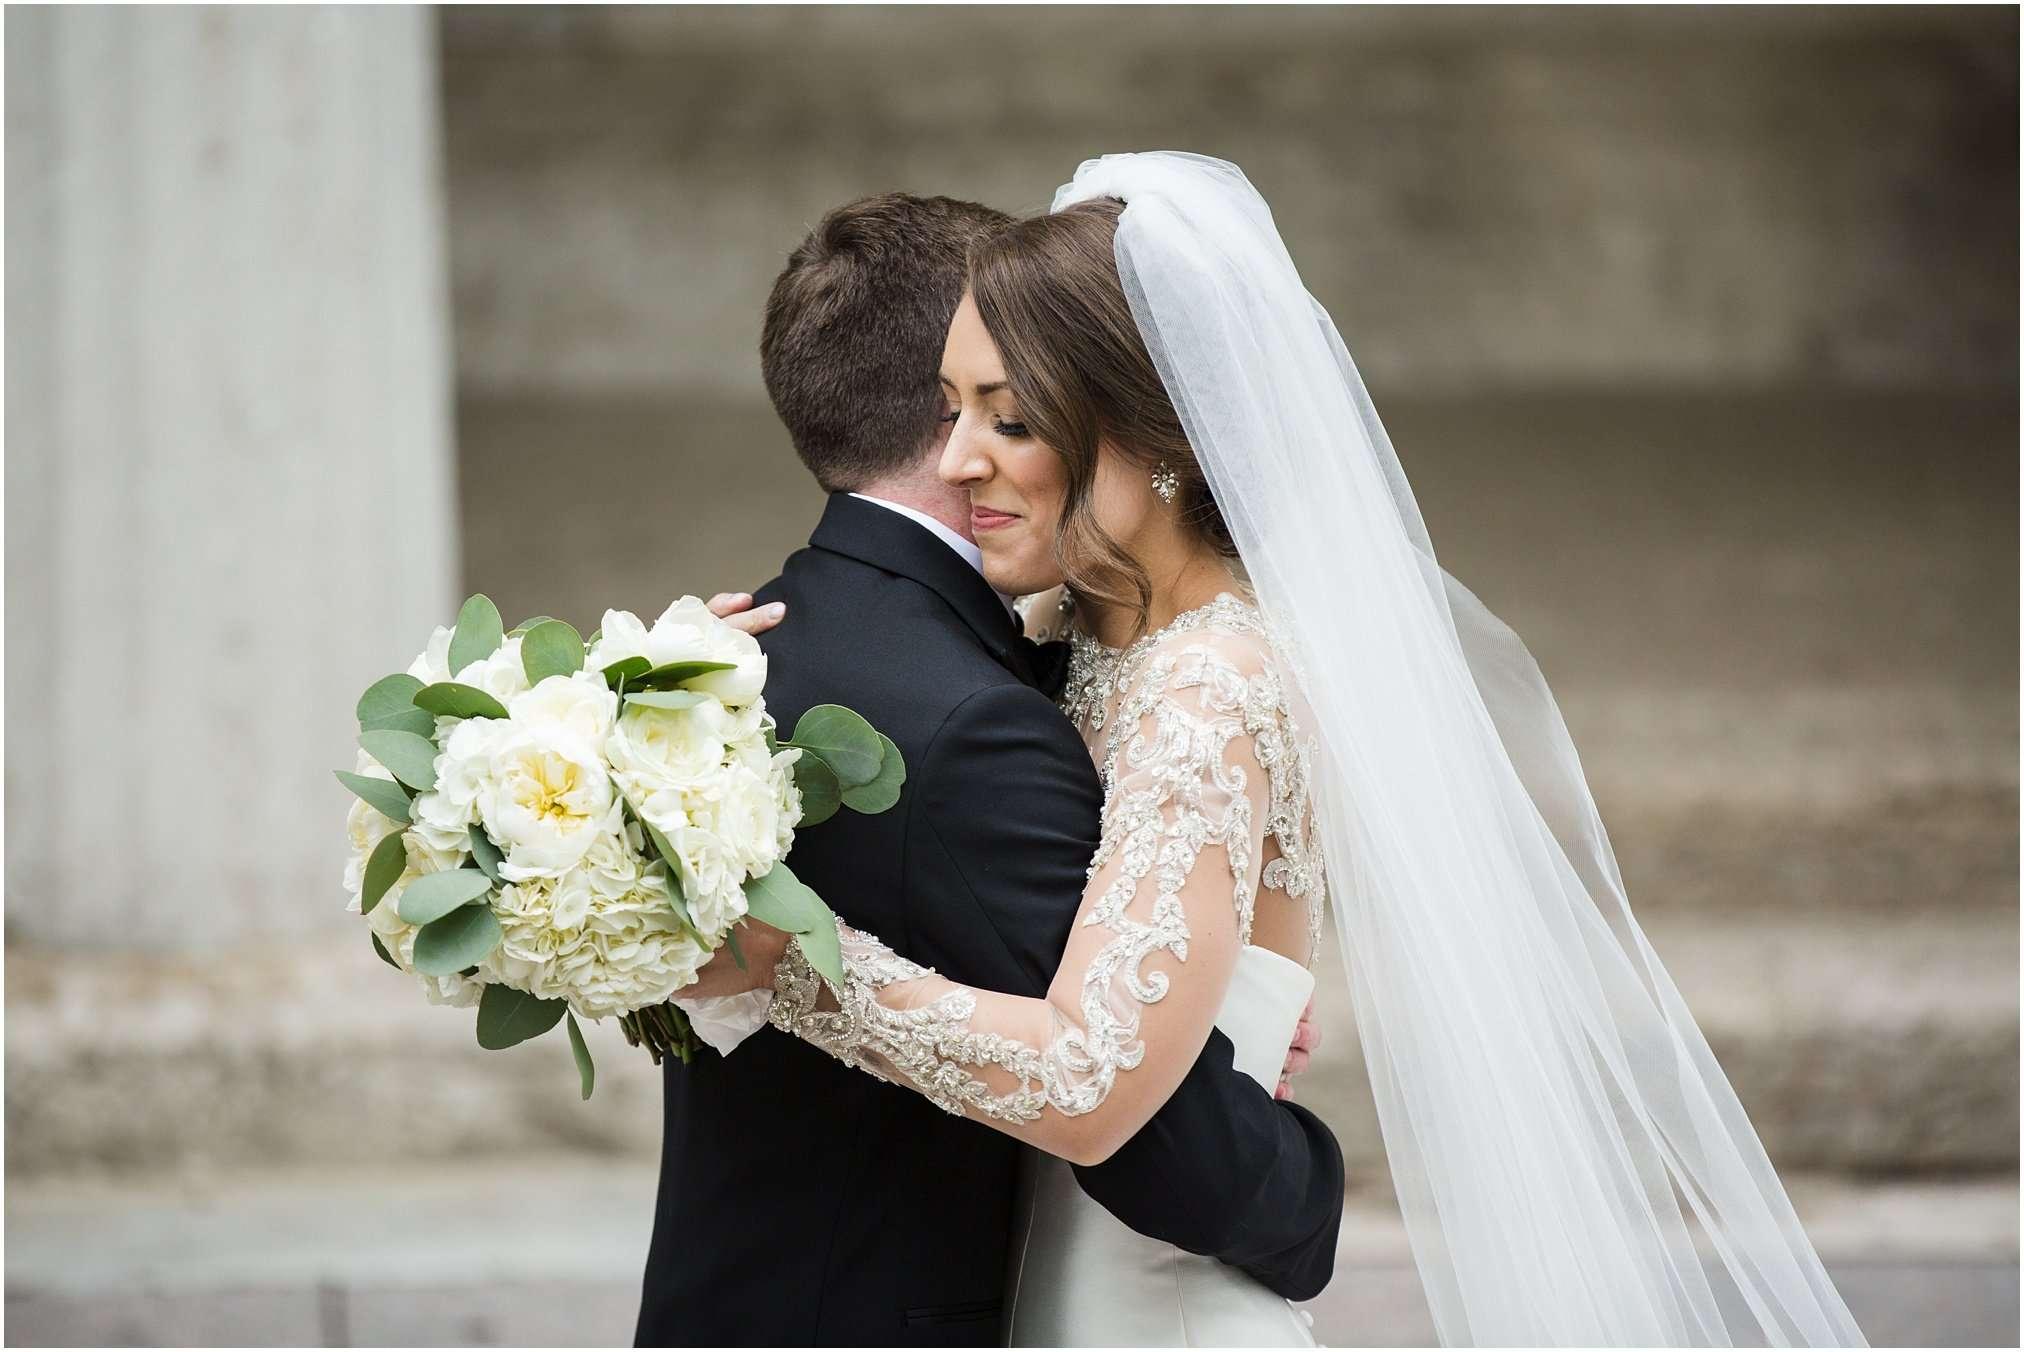 Spring Wedding at the Ohio Statehouse | Columbus Ohio Photography 30